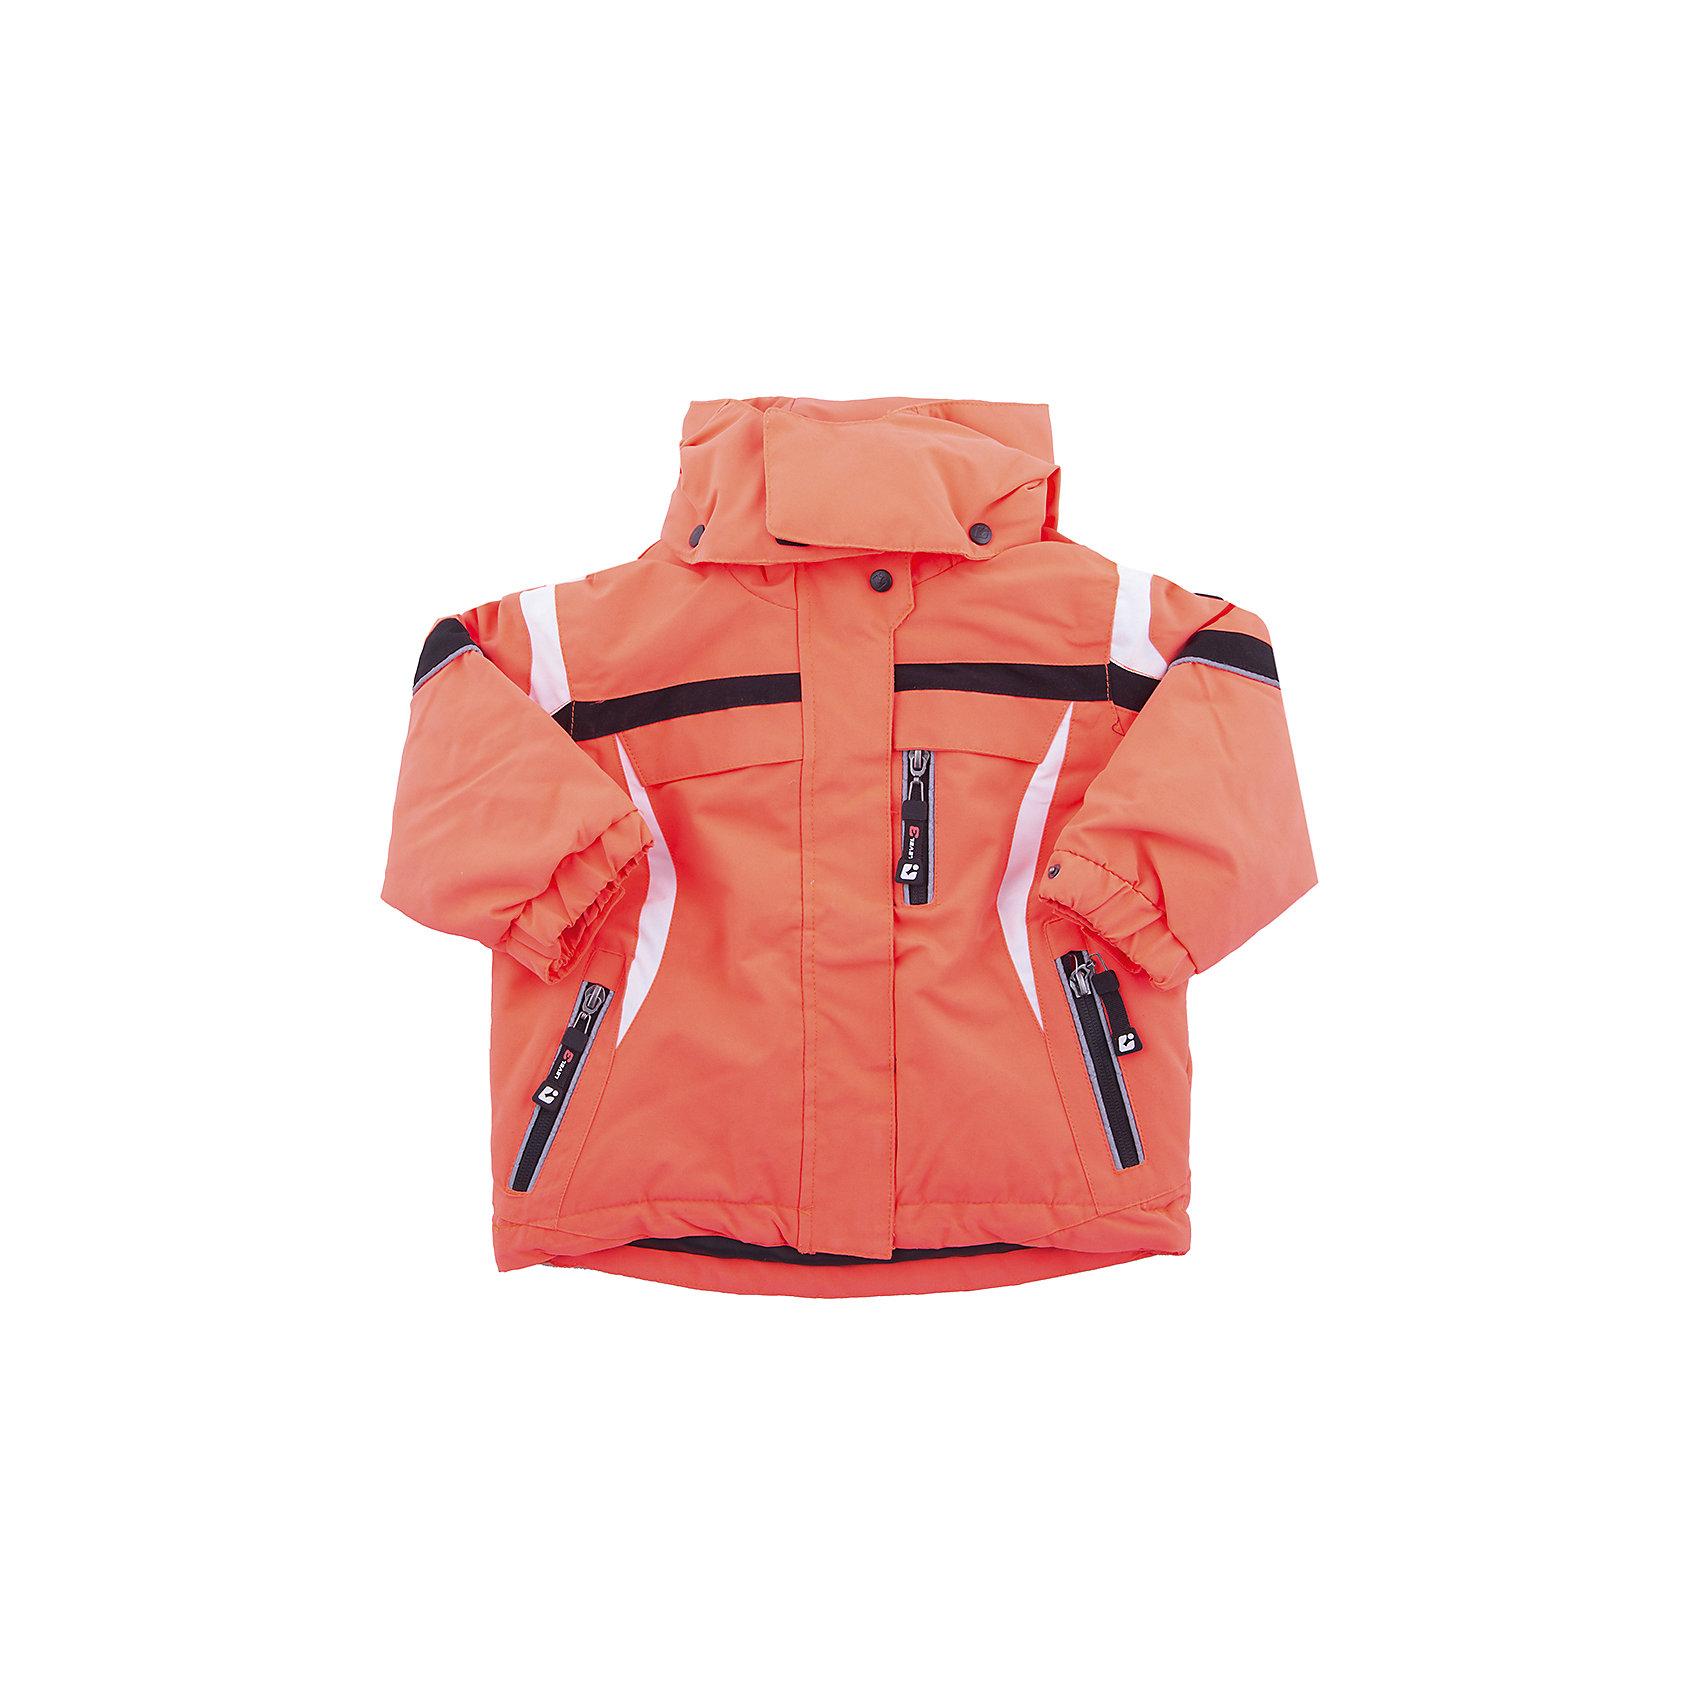 Куртка KilltecКуртка от известного немецкого бренда Killtec <br><br>Яркая спортивная куртка идеально подойдет для спорта и активного отдыха в холодное время года. Все её детали тщательно проработаны, швы отличаются превосходным качеством. Куртка оснащена множеством элементов, которые помогут наслаждаться зимней погодой с потрясающим комфортом.<br><br>Особенности модели:<br><br>- материал - плотный;<br>- цвет - оранжевый;<br>- застежка - молния, клапан на кнопках;<br>- капюшон отстегивается;<br>- карманы на молниях;<br>- внутренняя юбочка для защиты от снега;<br>- воздухопроницаемость - 3000 г/м2/24 ч;<br>- водонепроницаемость - 3000 мм;<br>- защита от ветра  - максимальная;<br>- светоотражающие элементы;<br>- в рукавах - резинки;<br>- удлиненная спинка.<br><br>Дополнительная информация:<br><br>Состав: <br><br>верх - 100% полиэстер;<br>наполнитель - 100% полиэстер;<br>подкладка - 100% полиэстер.<br><br><br>Температурный режим:<br><br>от - 15°С до 0°С<br><br>Куртку от известного немецкого бренда Killtec (Килтек) можно купить в нашем магазине.<br><br>Ширина мм: 356<br>Глубина мм: 10<br>Высота мм: 245<br>Вес г: 519<br>Цвет: разноцветный<br>Возраст от месяцев: 12<br>Возраст до месяцев: 15<br>Пол: Унисекс<br>Возраст: Детский<br>Размер: 80<br>SKU: 4242062